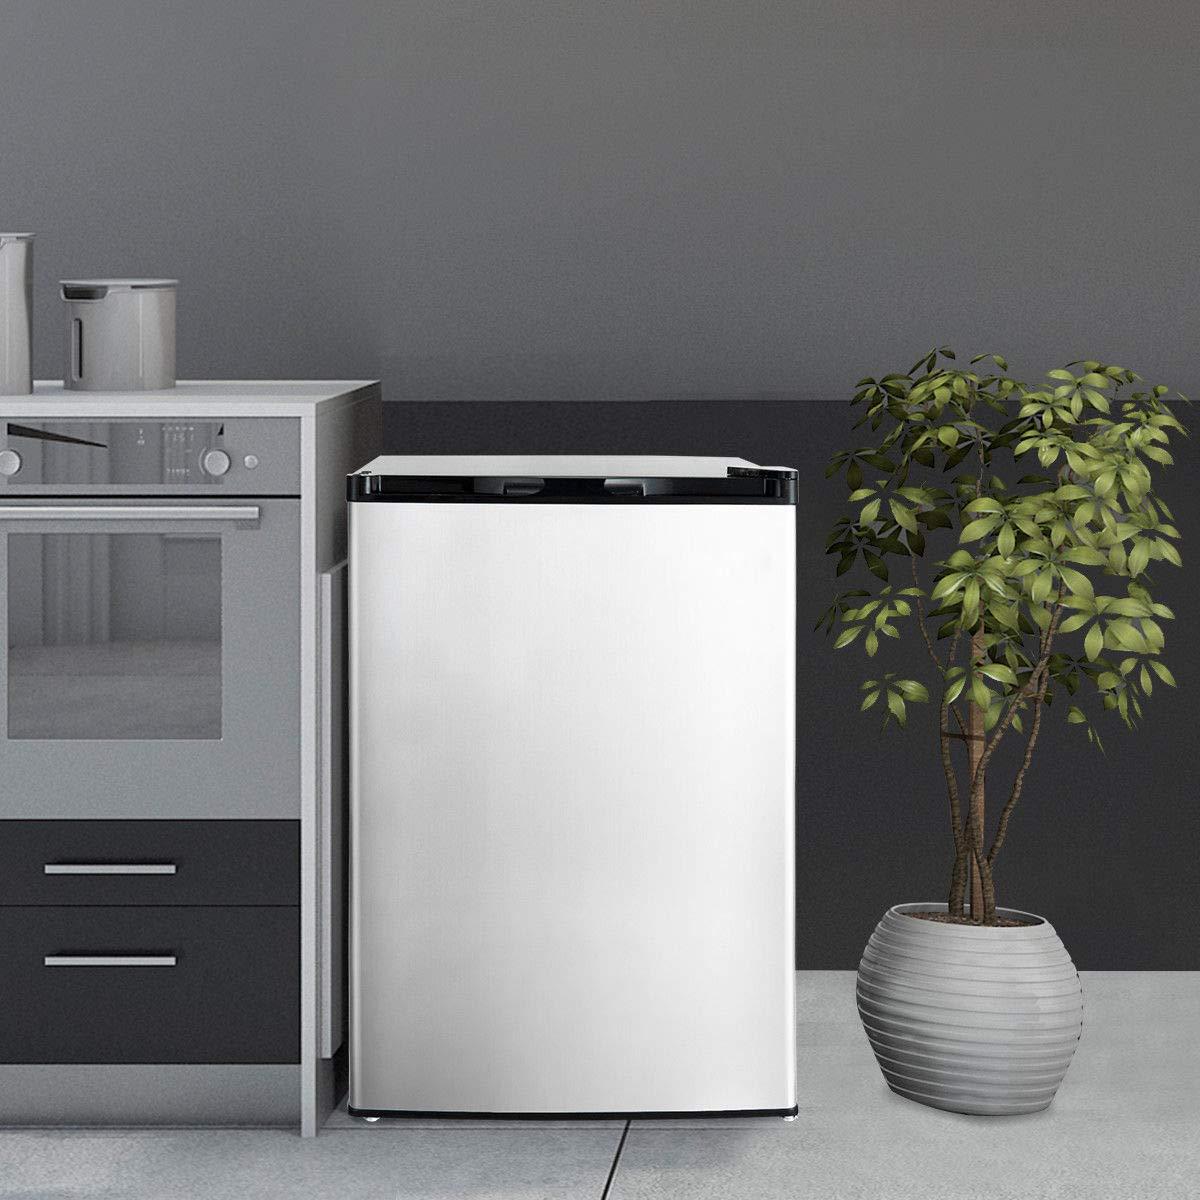 COSTWAY Compact Single Door Upright Freezer - Mini Size with Stainless Steel Door - 3.0 CU FT Capacity - Adjustable by COSTWAY (Image #2)